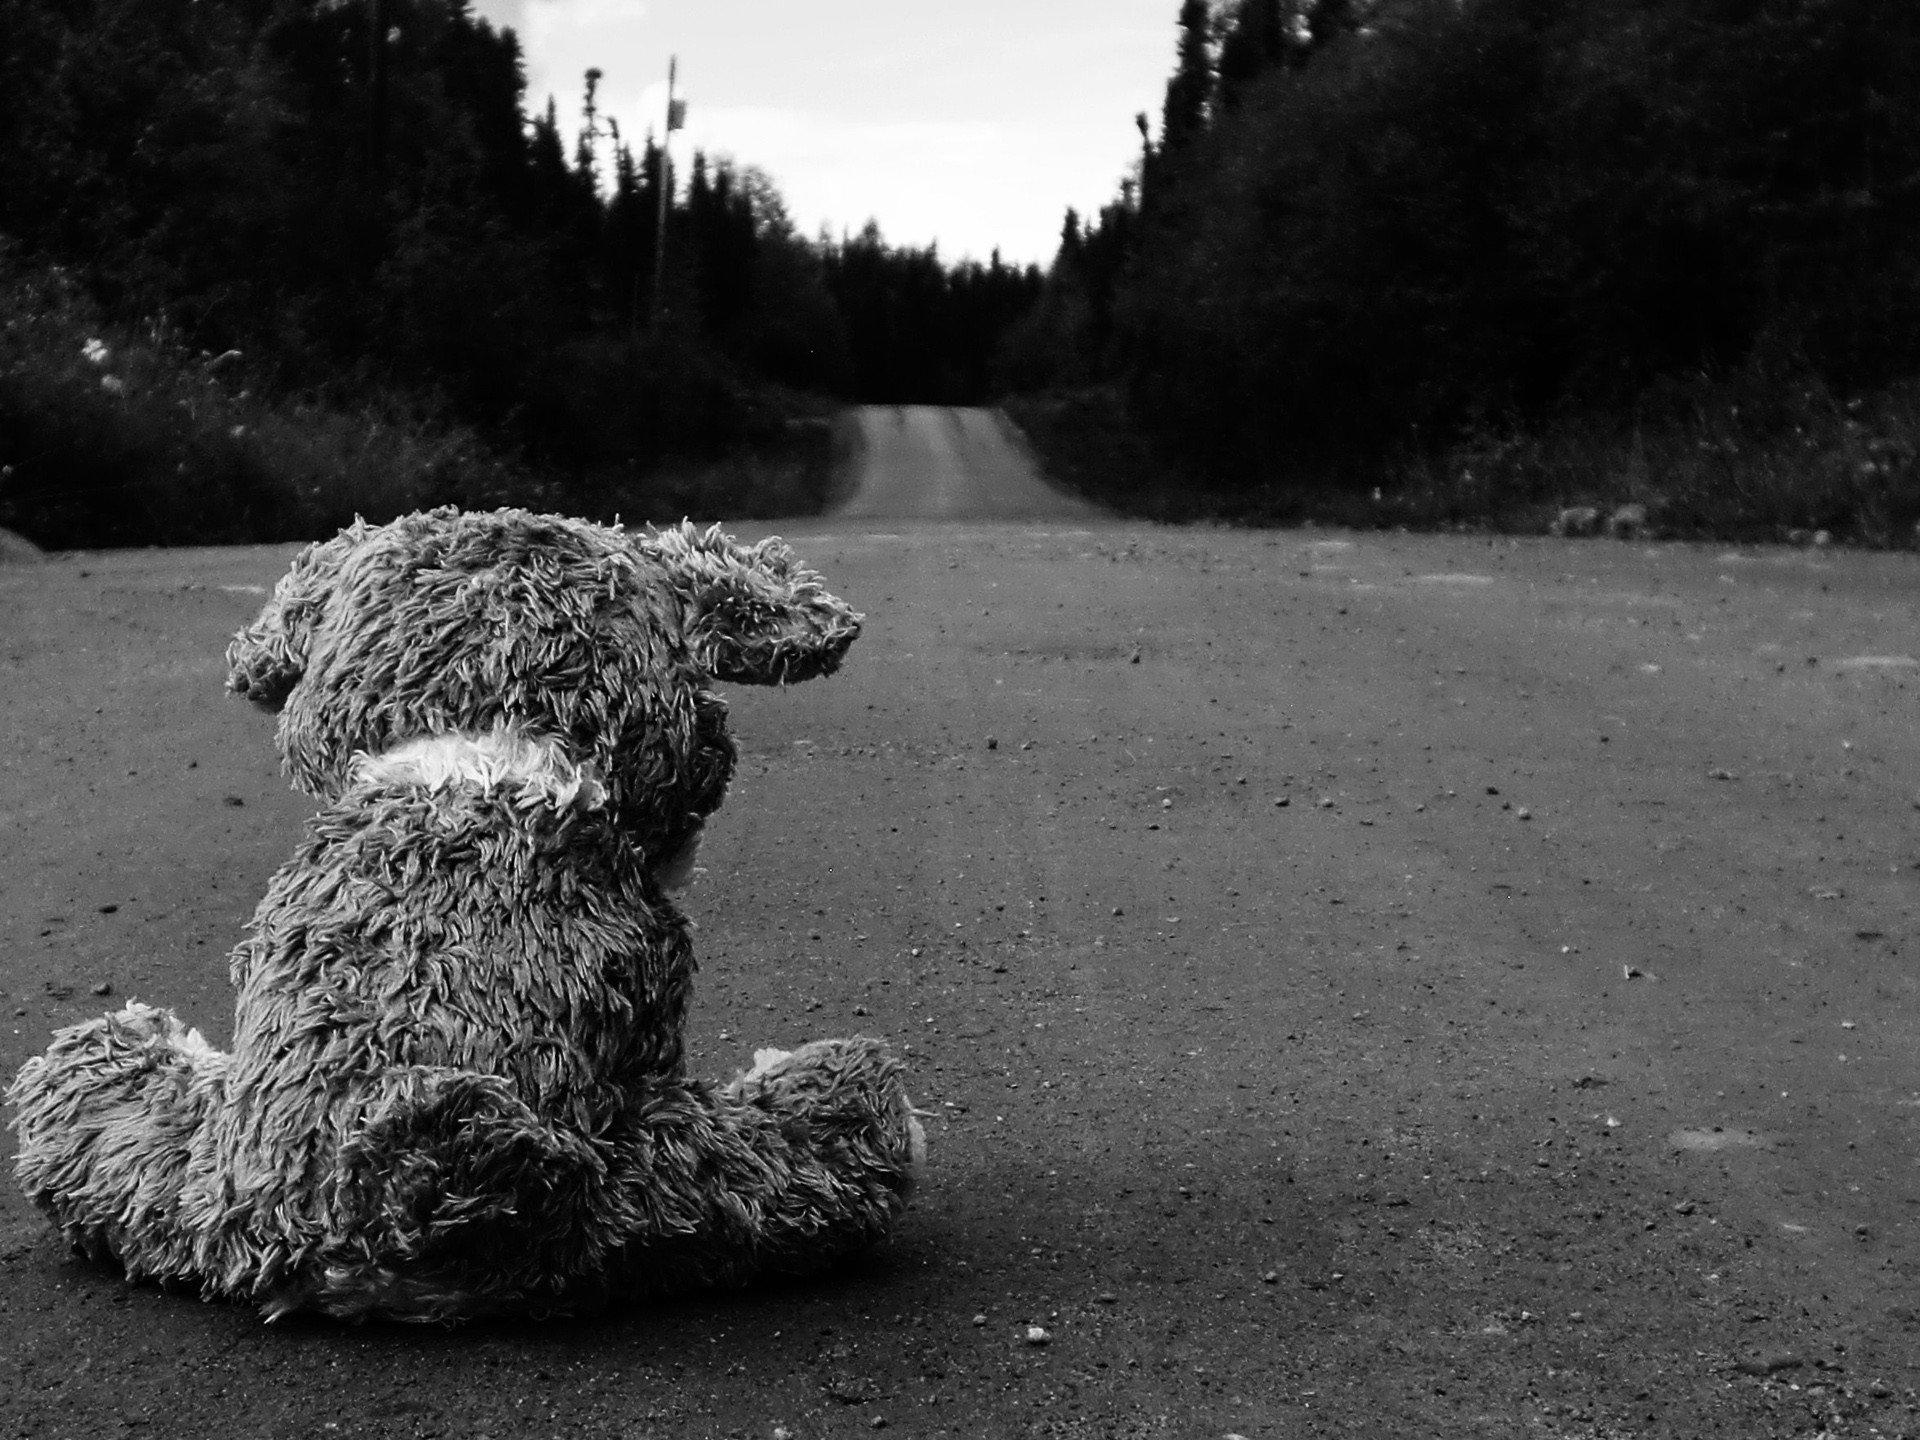 Sad Roads Wallpaper 1920x1440 Sad Roads Teddy Bears 1920x1440